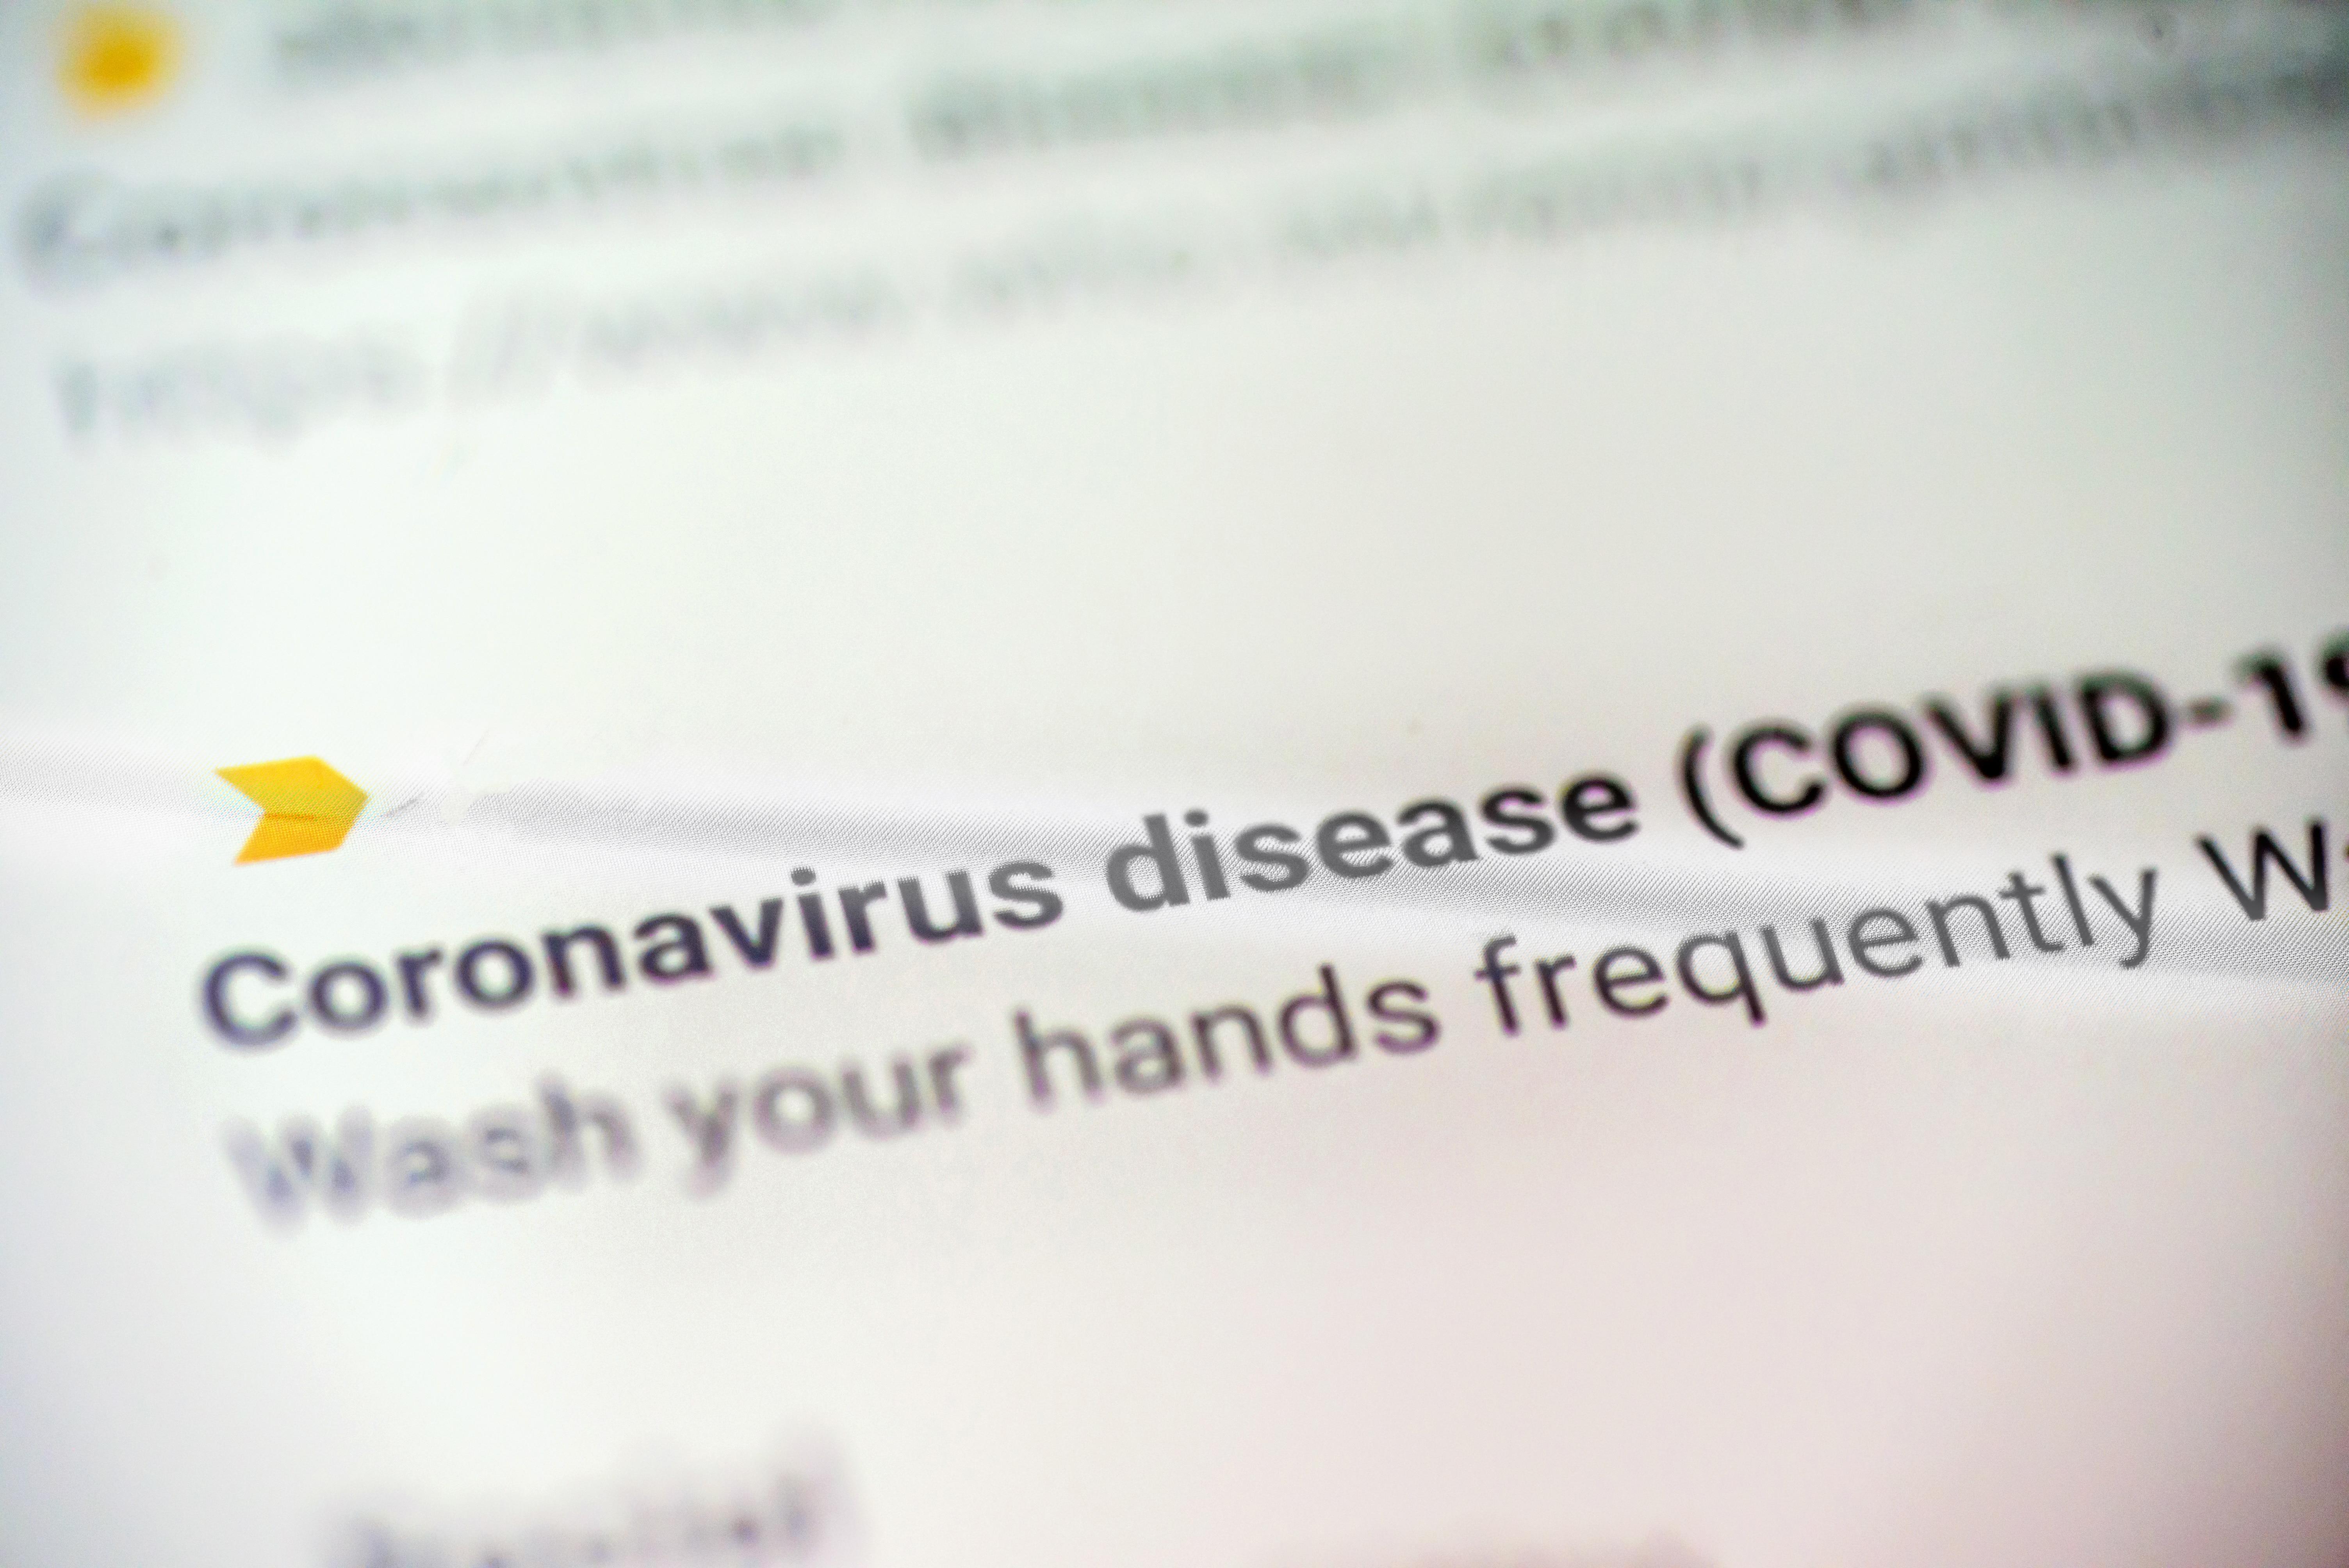 Company Update: Coronavirus